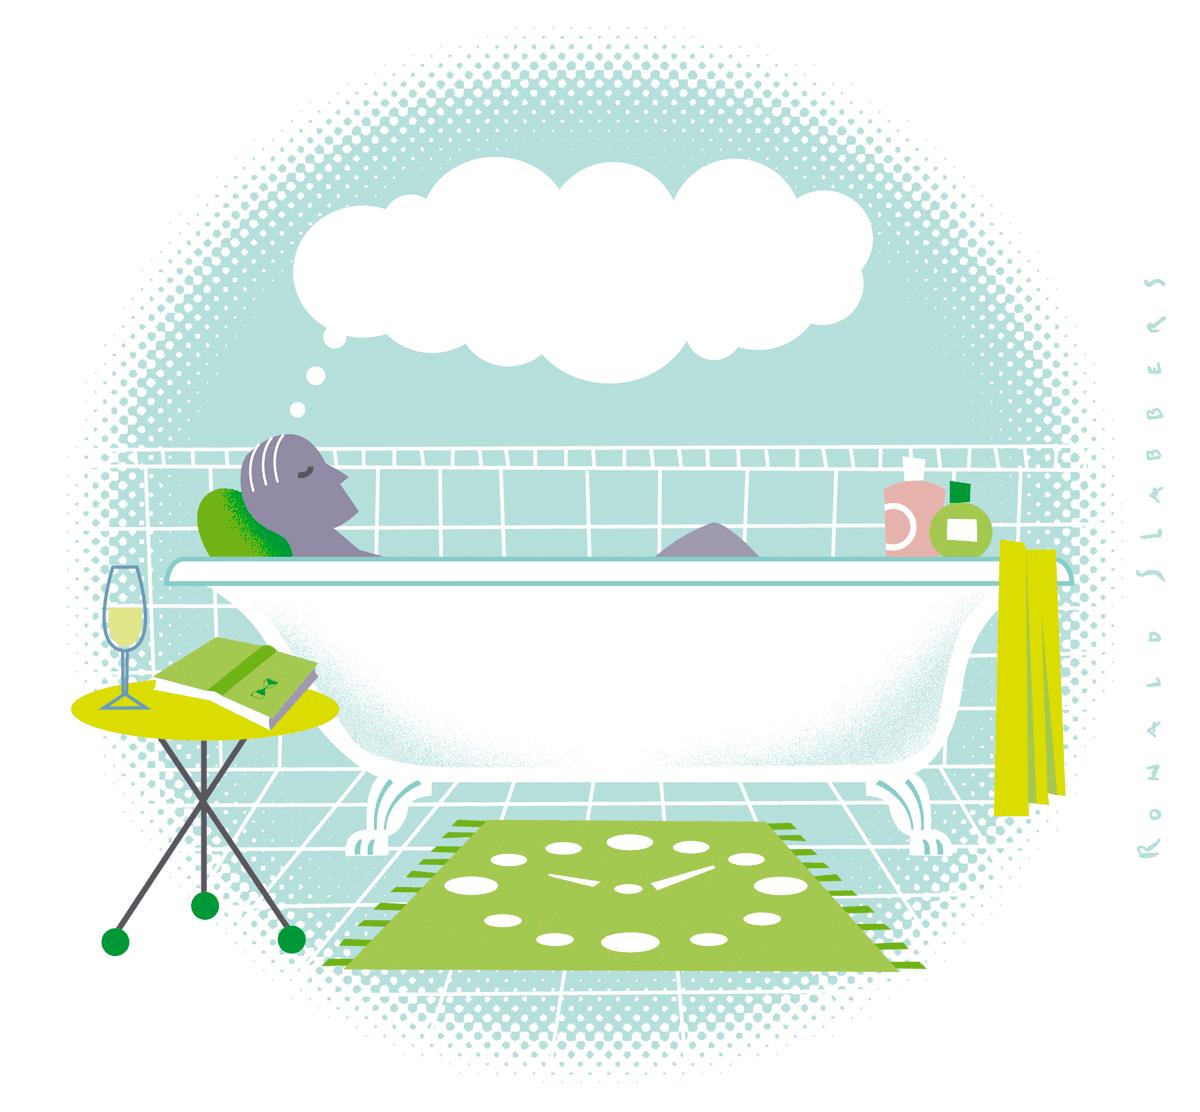 Illustratie van een man ontspannend in een badkuip, denkend aan niets